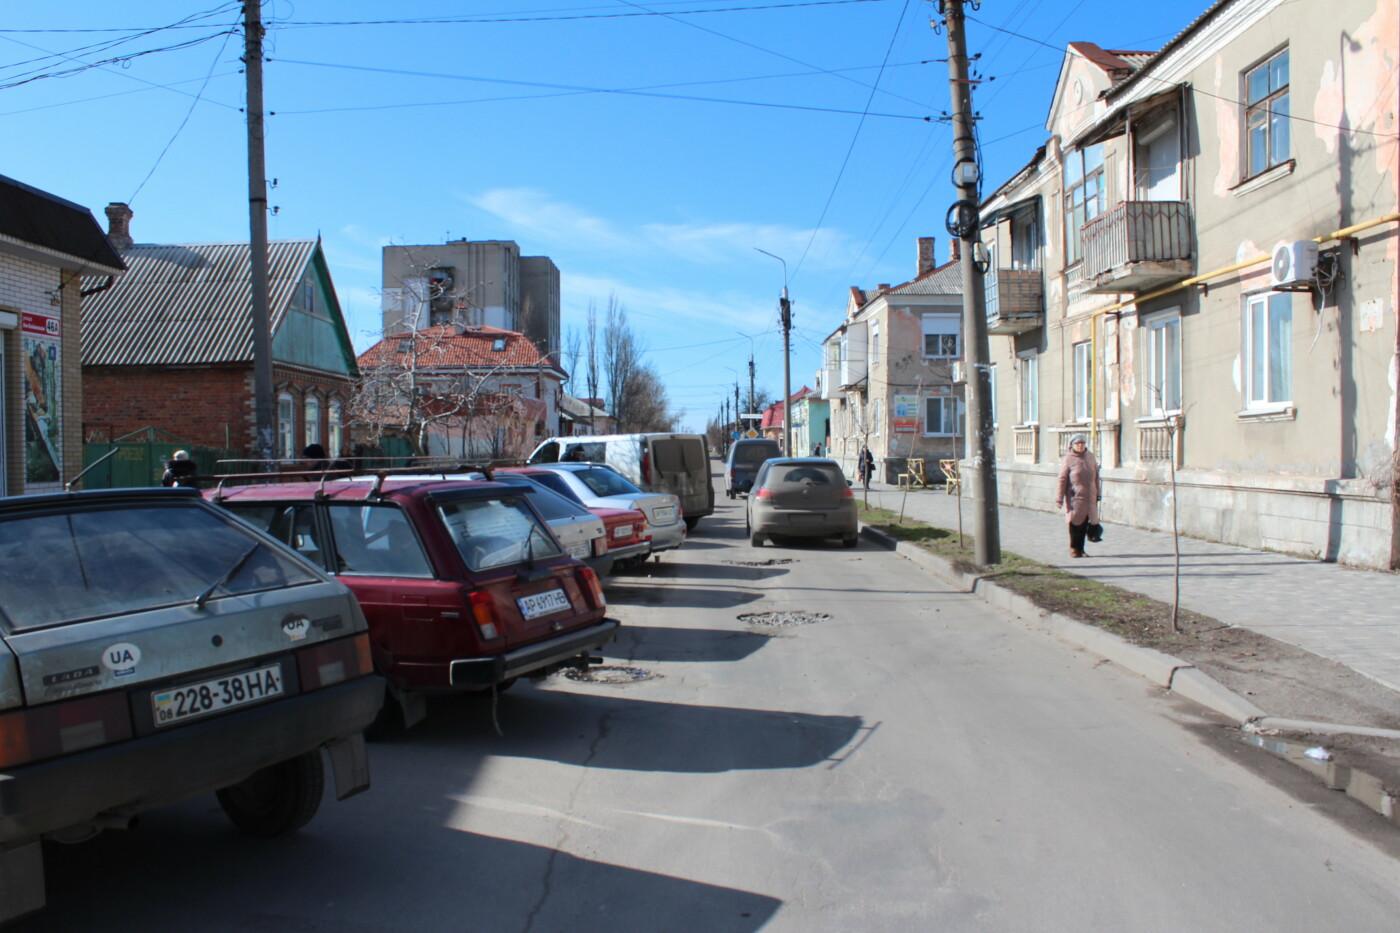 Паркування по-бердянськи — це неповага водіїв один до одного, фото-3